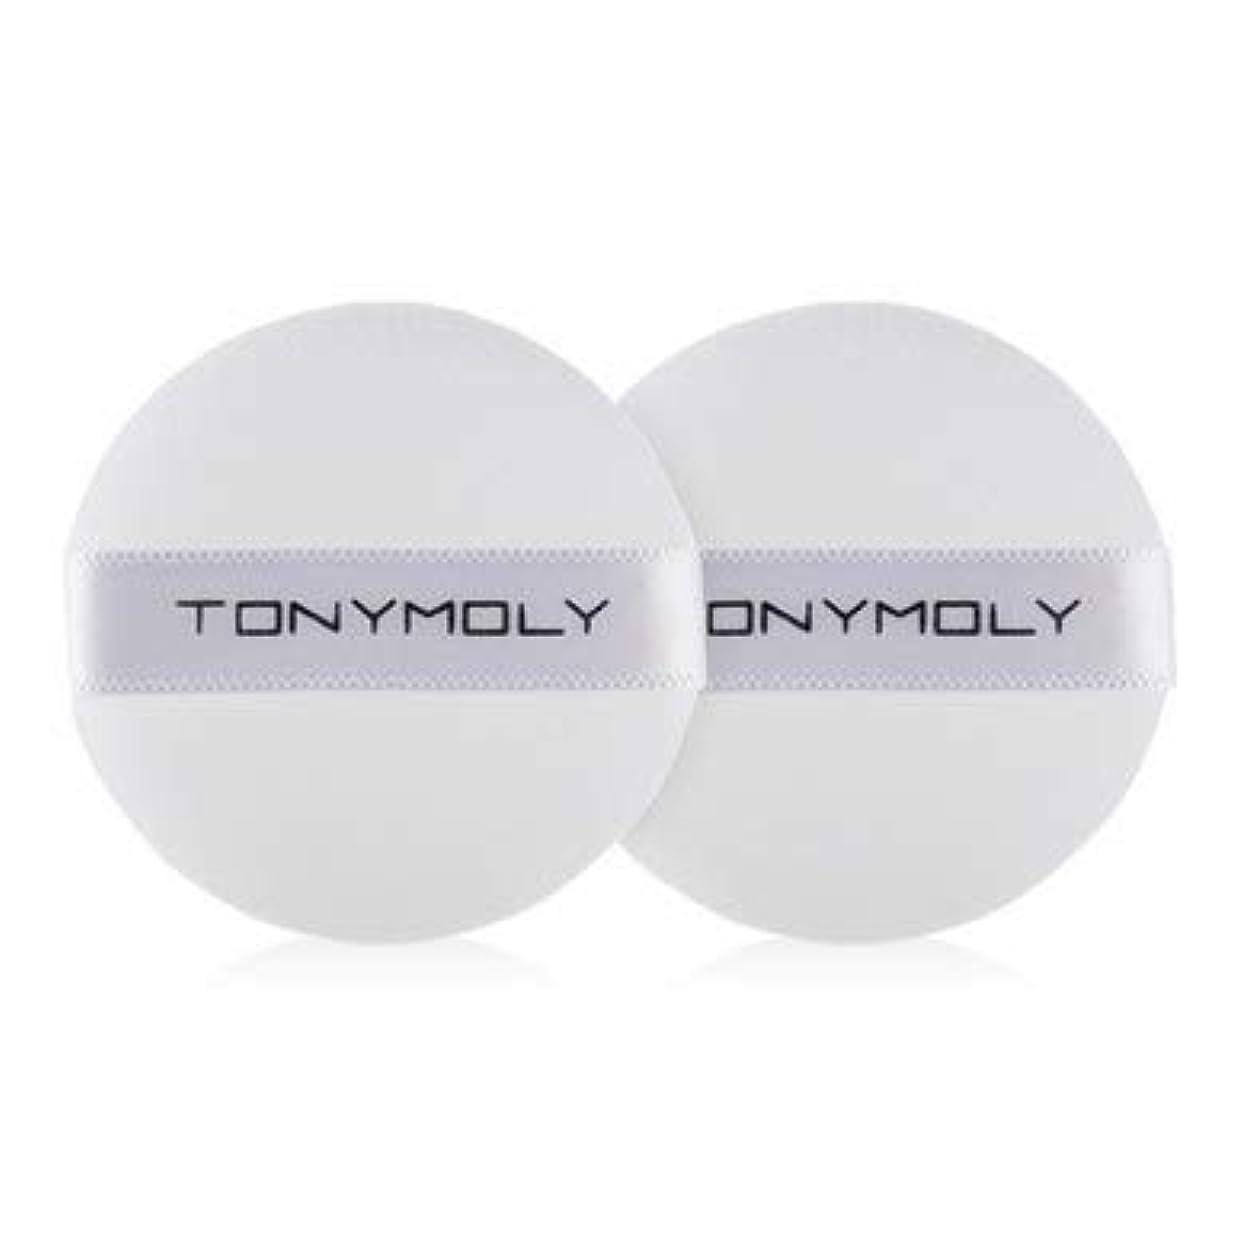 理由ソファー反毒【TONY MOLY(トニーモリー)】 プチミニパフ 2枚 [並行輸入品]